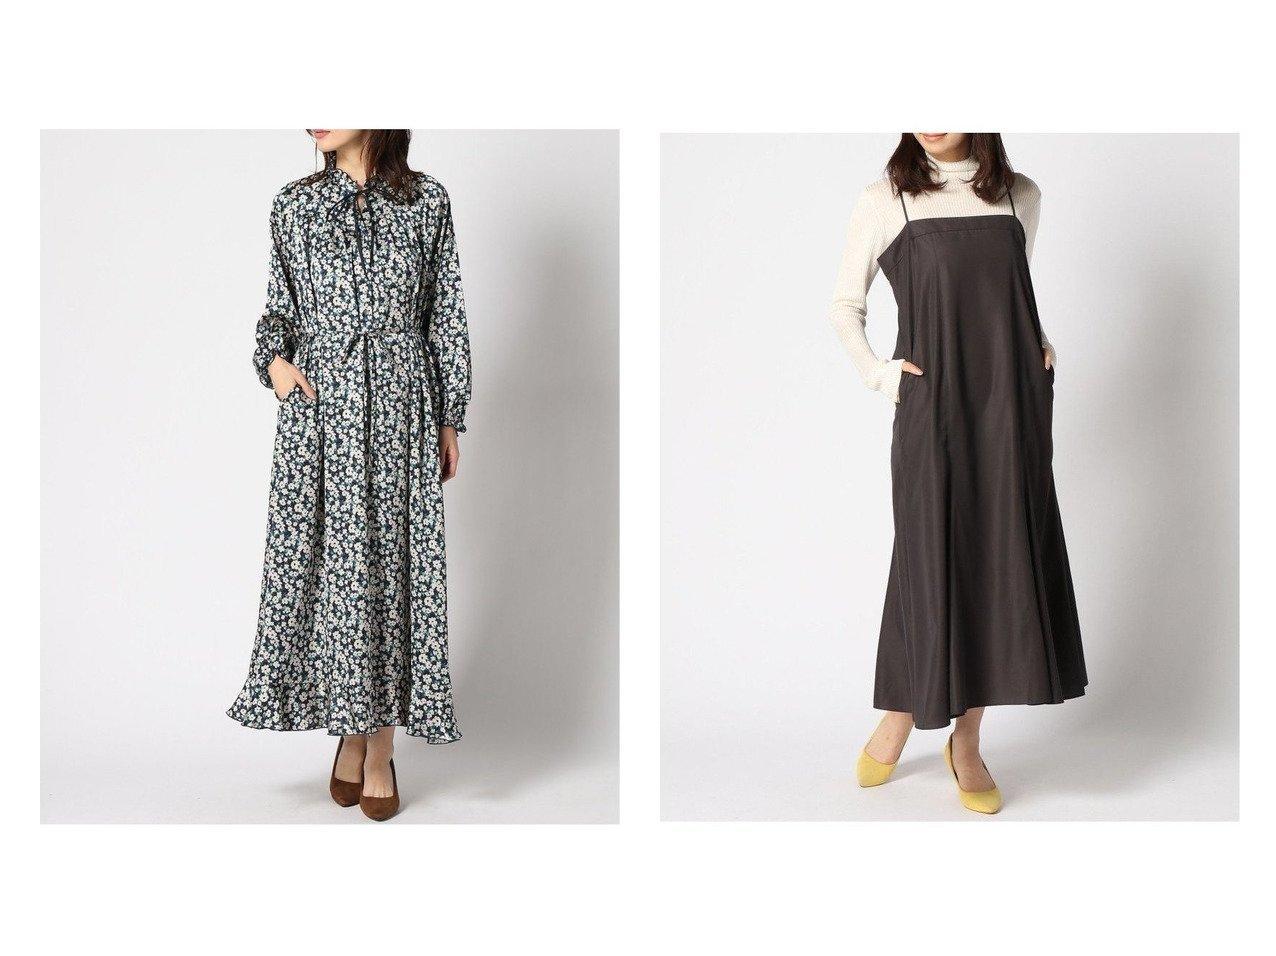 【IENA/イエナ】のフレアデザイン キャミOP&【SLOBE IENA/スローブ イエナ】のアリッサムフラワー フレアOP ワンピース・ドレスのおすすめ!人気、トレンド・レディースファッションの通販  おすすめで人気の流行・トレンド、ファッションの通販商品 メンズファッション・キッズファッション・インテリア・家具・レディースファッション・服の通販 founy(ファニー) https://founy.com/ ファッション Fashion レディースファッション WOMEN ワンピース Dress キャミワンピース No Sleeve Dresses 2020年 2020 2020-2021 秋冬 A/W AW Autumn/Winter / FW Fall-Winter 2020-2021 A/W 秋冬 AW Autumn/Winter / FW Fall-Winter スタンド フェミニン フリル フレア プリント ポケット ミックス リボン 長袖 インナー キャミ キャミワンピース ジャケット |ID:crp329100000010193